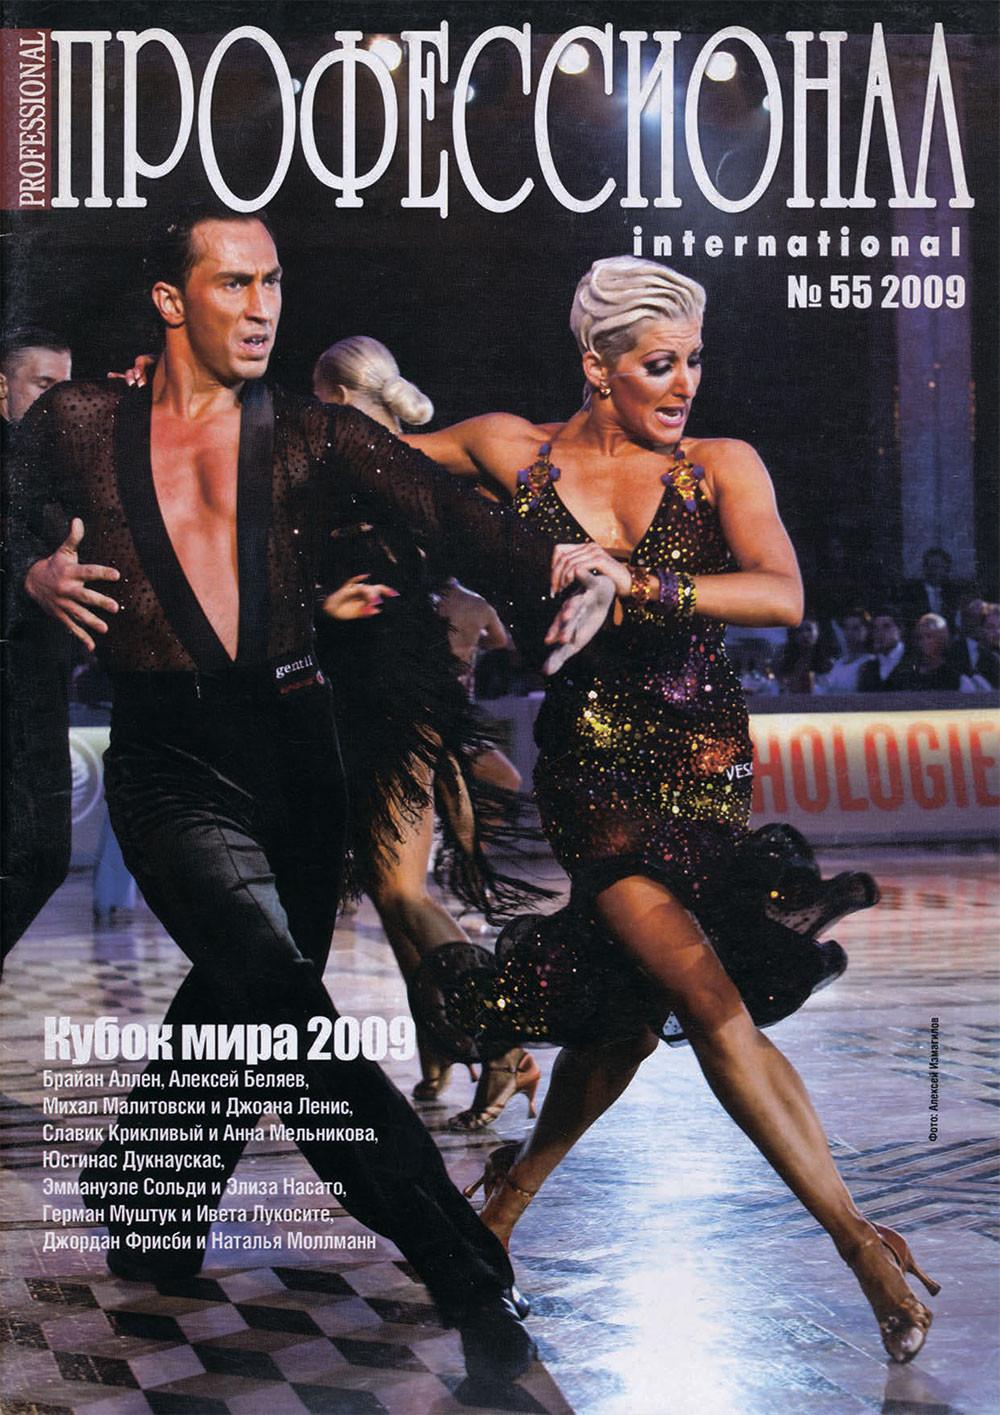 Журнал Профессионал №55 2009